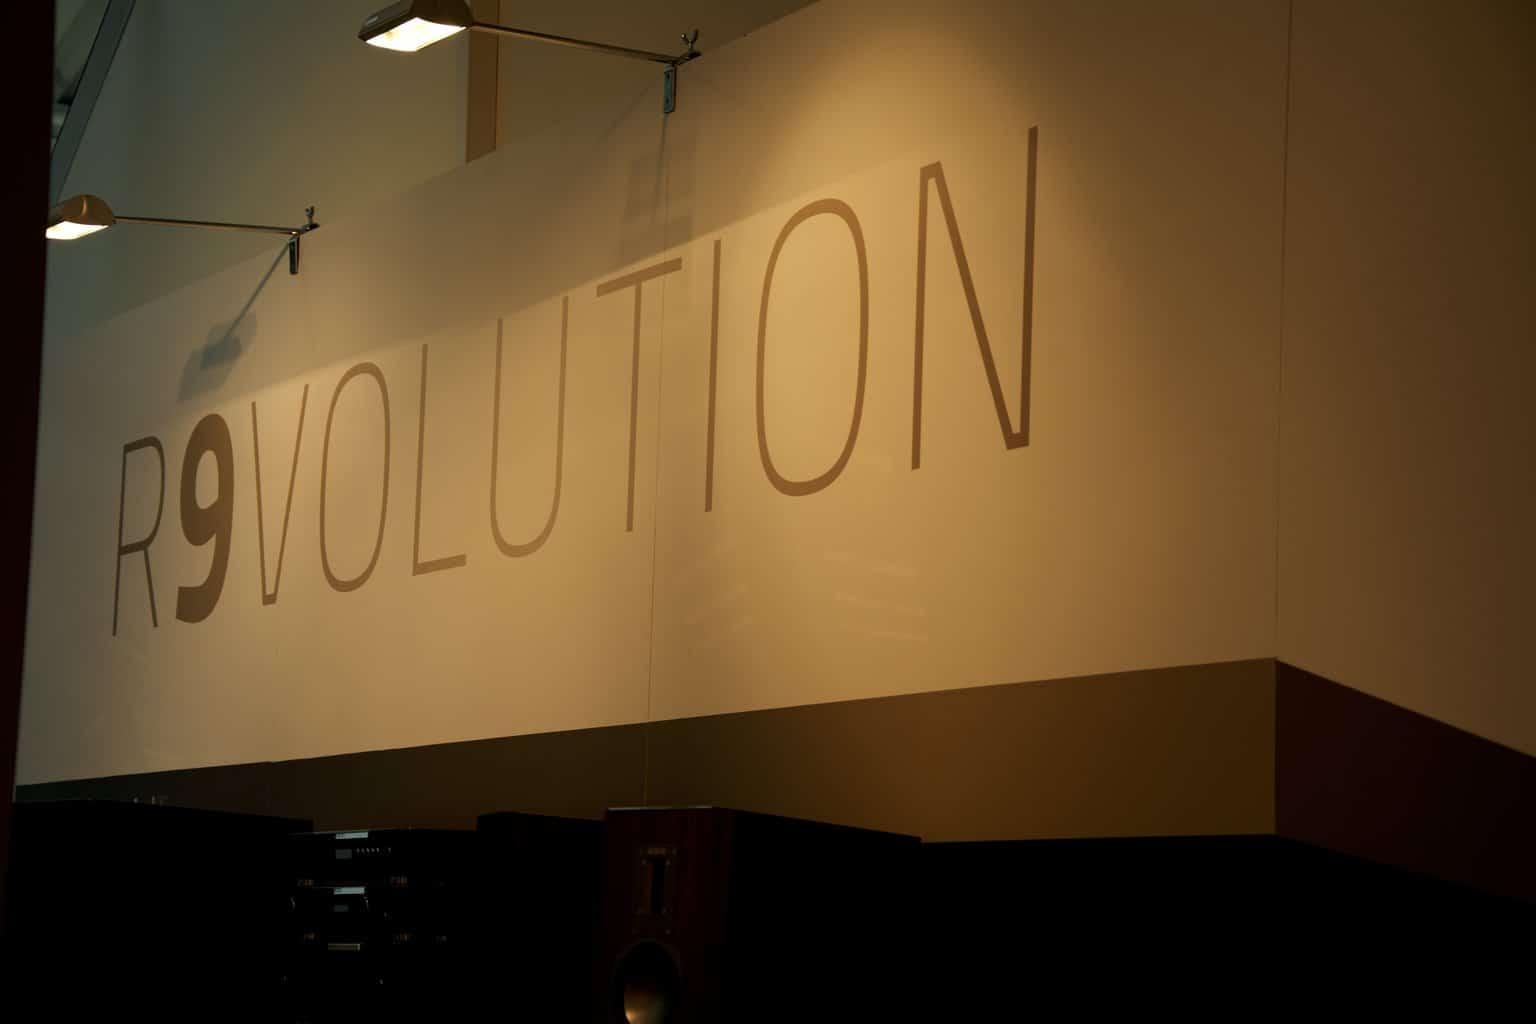 Aurum 9 R9volution